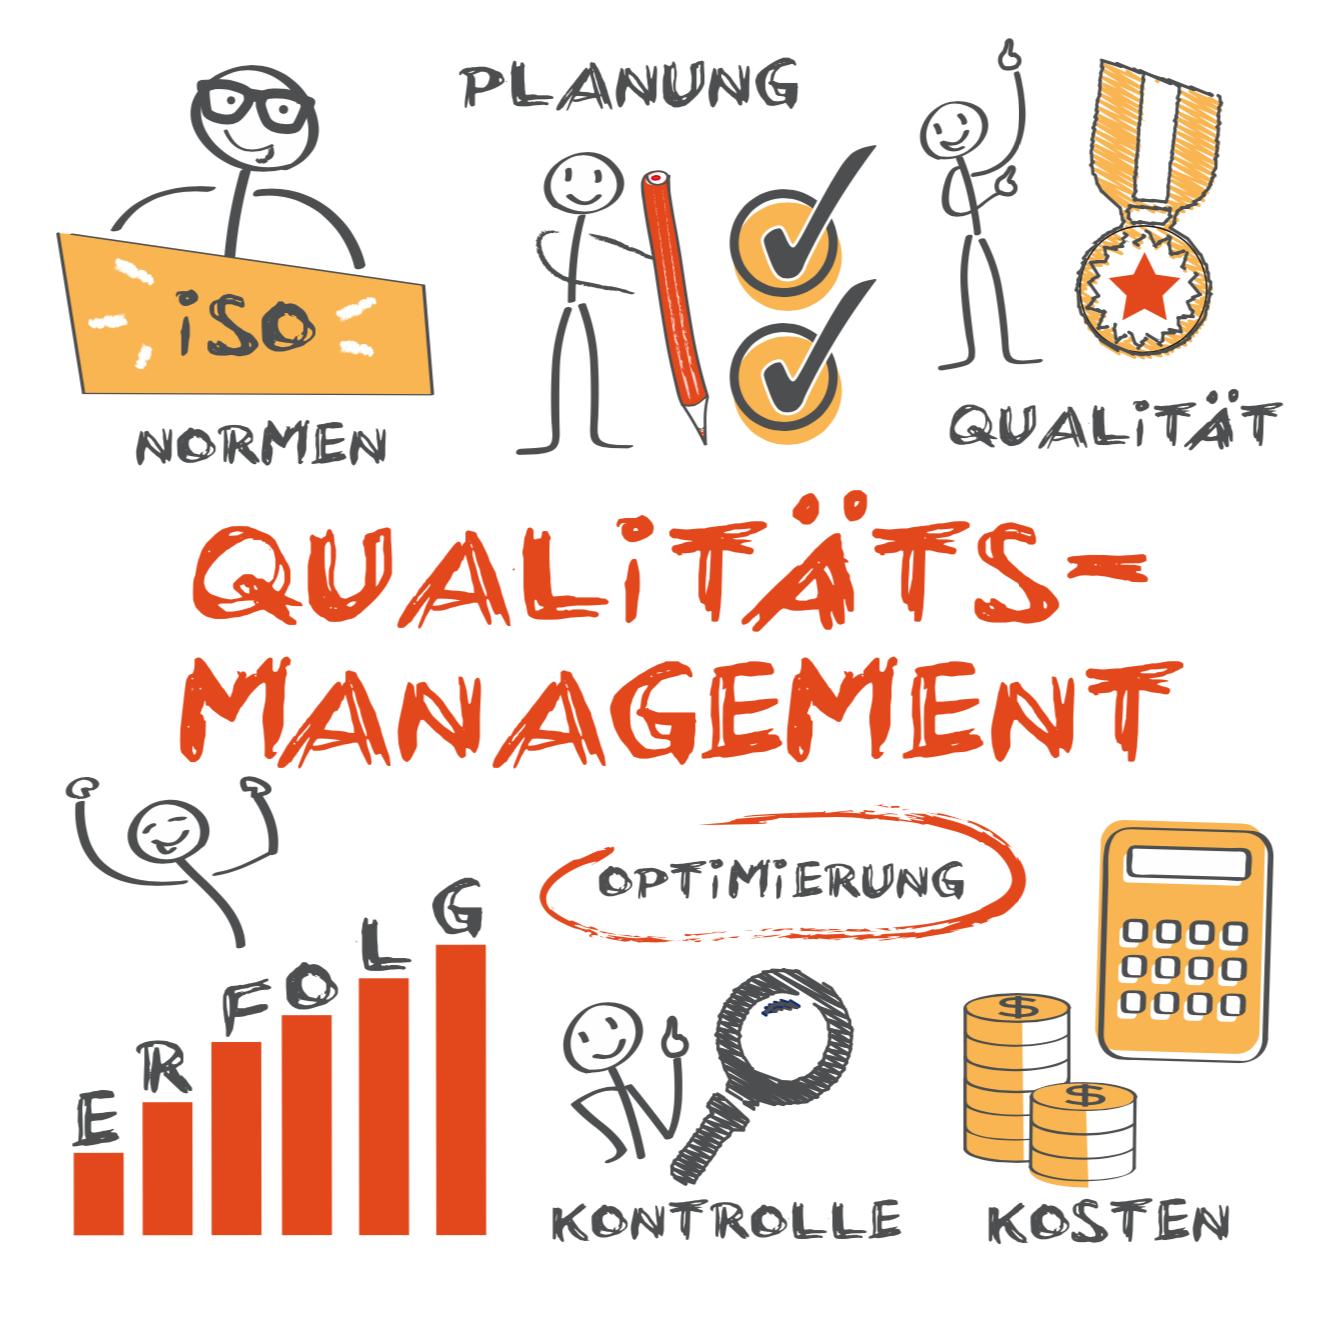 QMB Seminar - Normen, Planung, Qualität, Kontrolle, Kosten, Erfolg